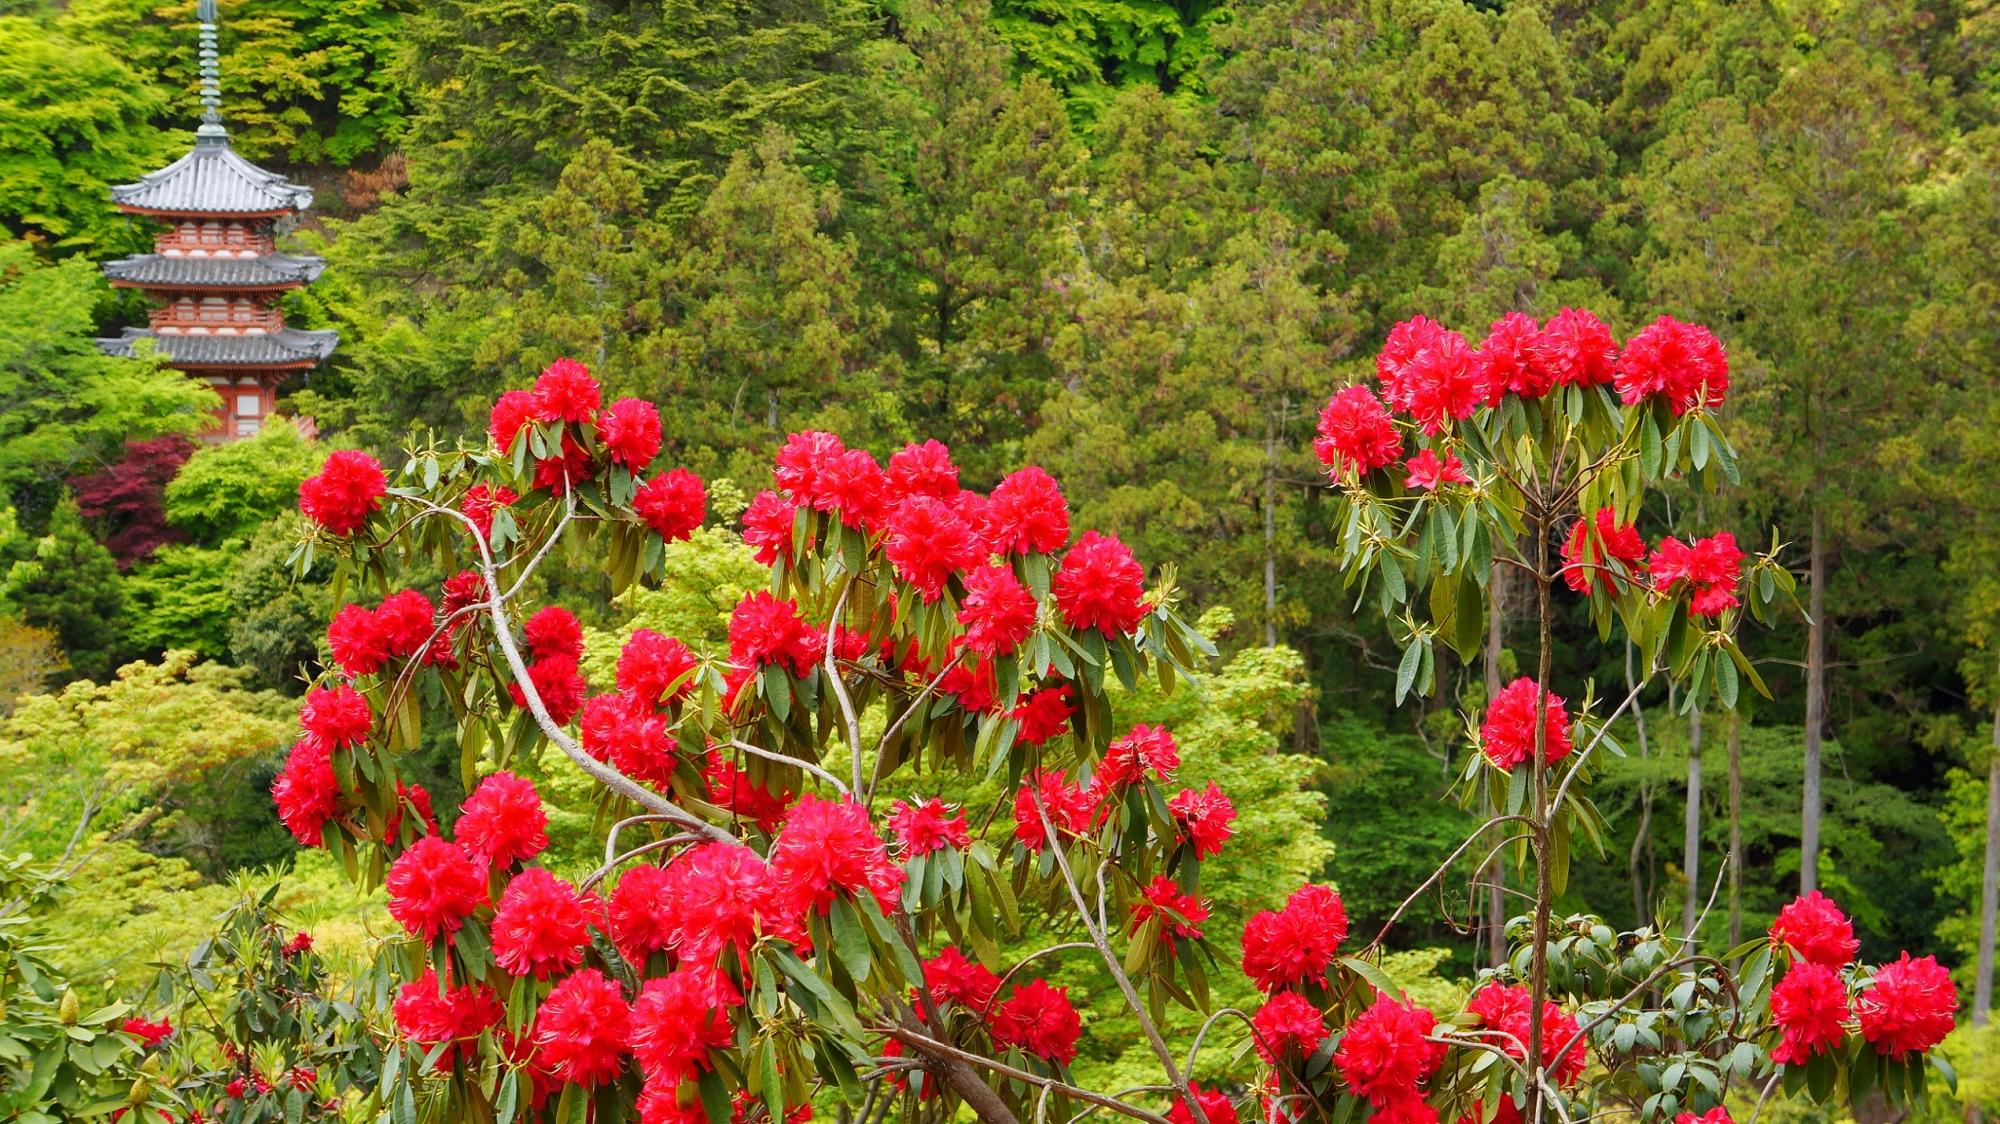 三室戸寺の緑豊かな境内に映える真っ赤な石楠花